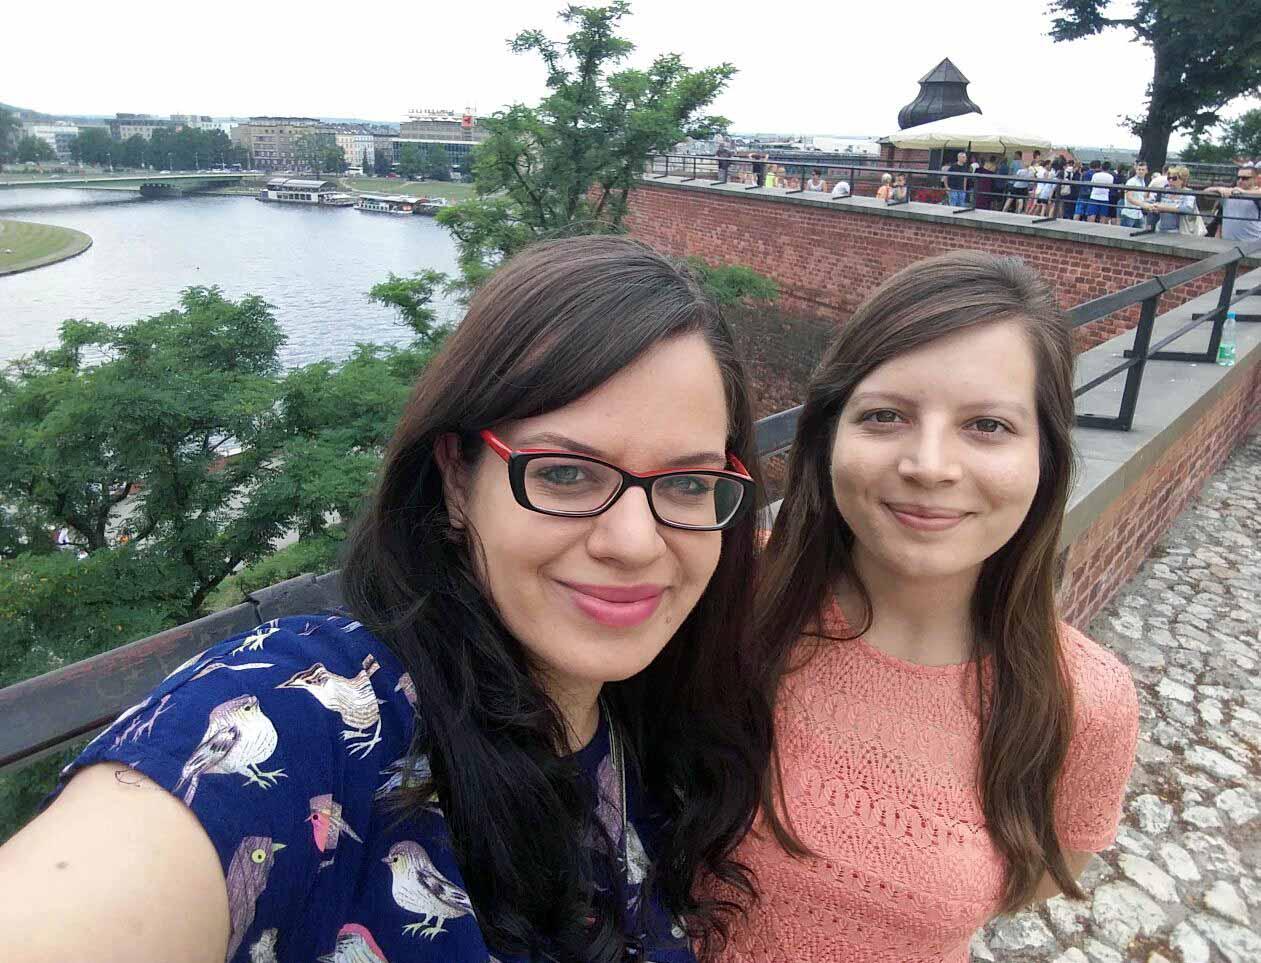 Z moją siostrą @Zamek na Wawelu